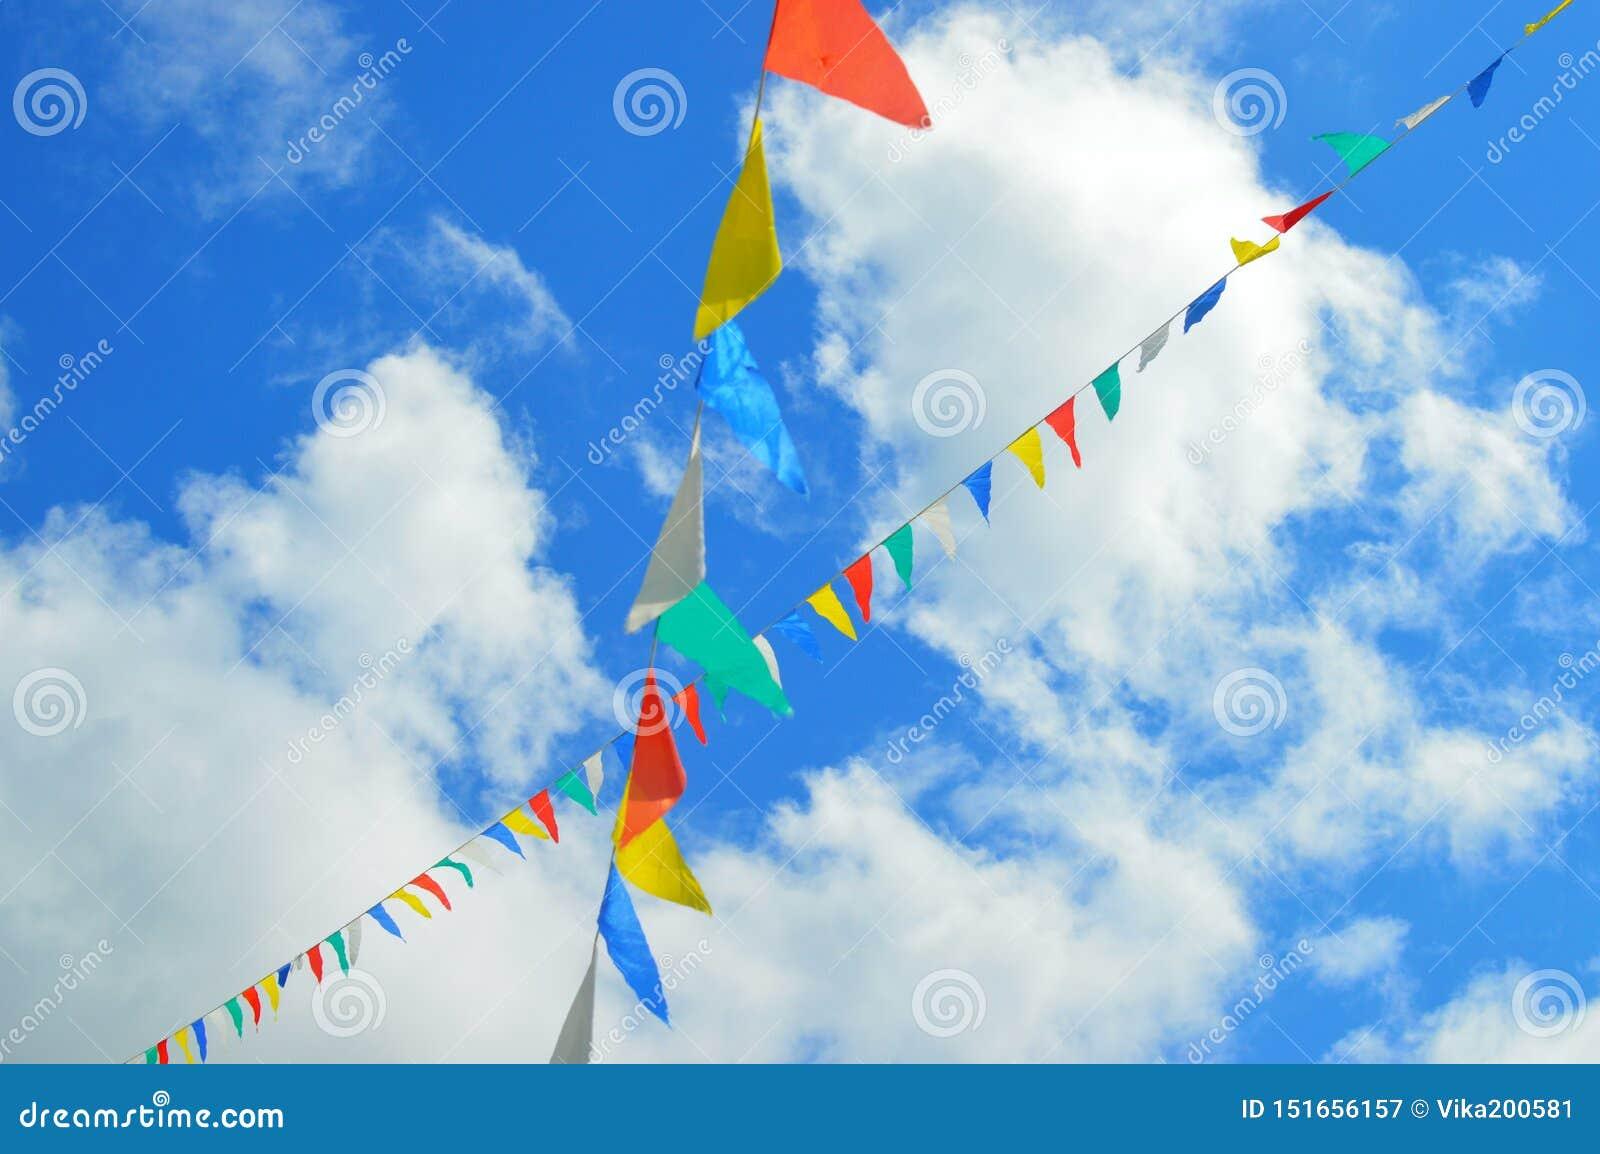 Drapeaux colorés volant dans le ciel